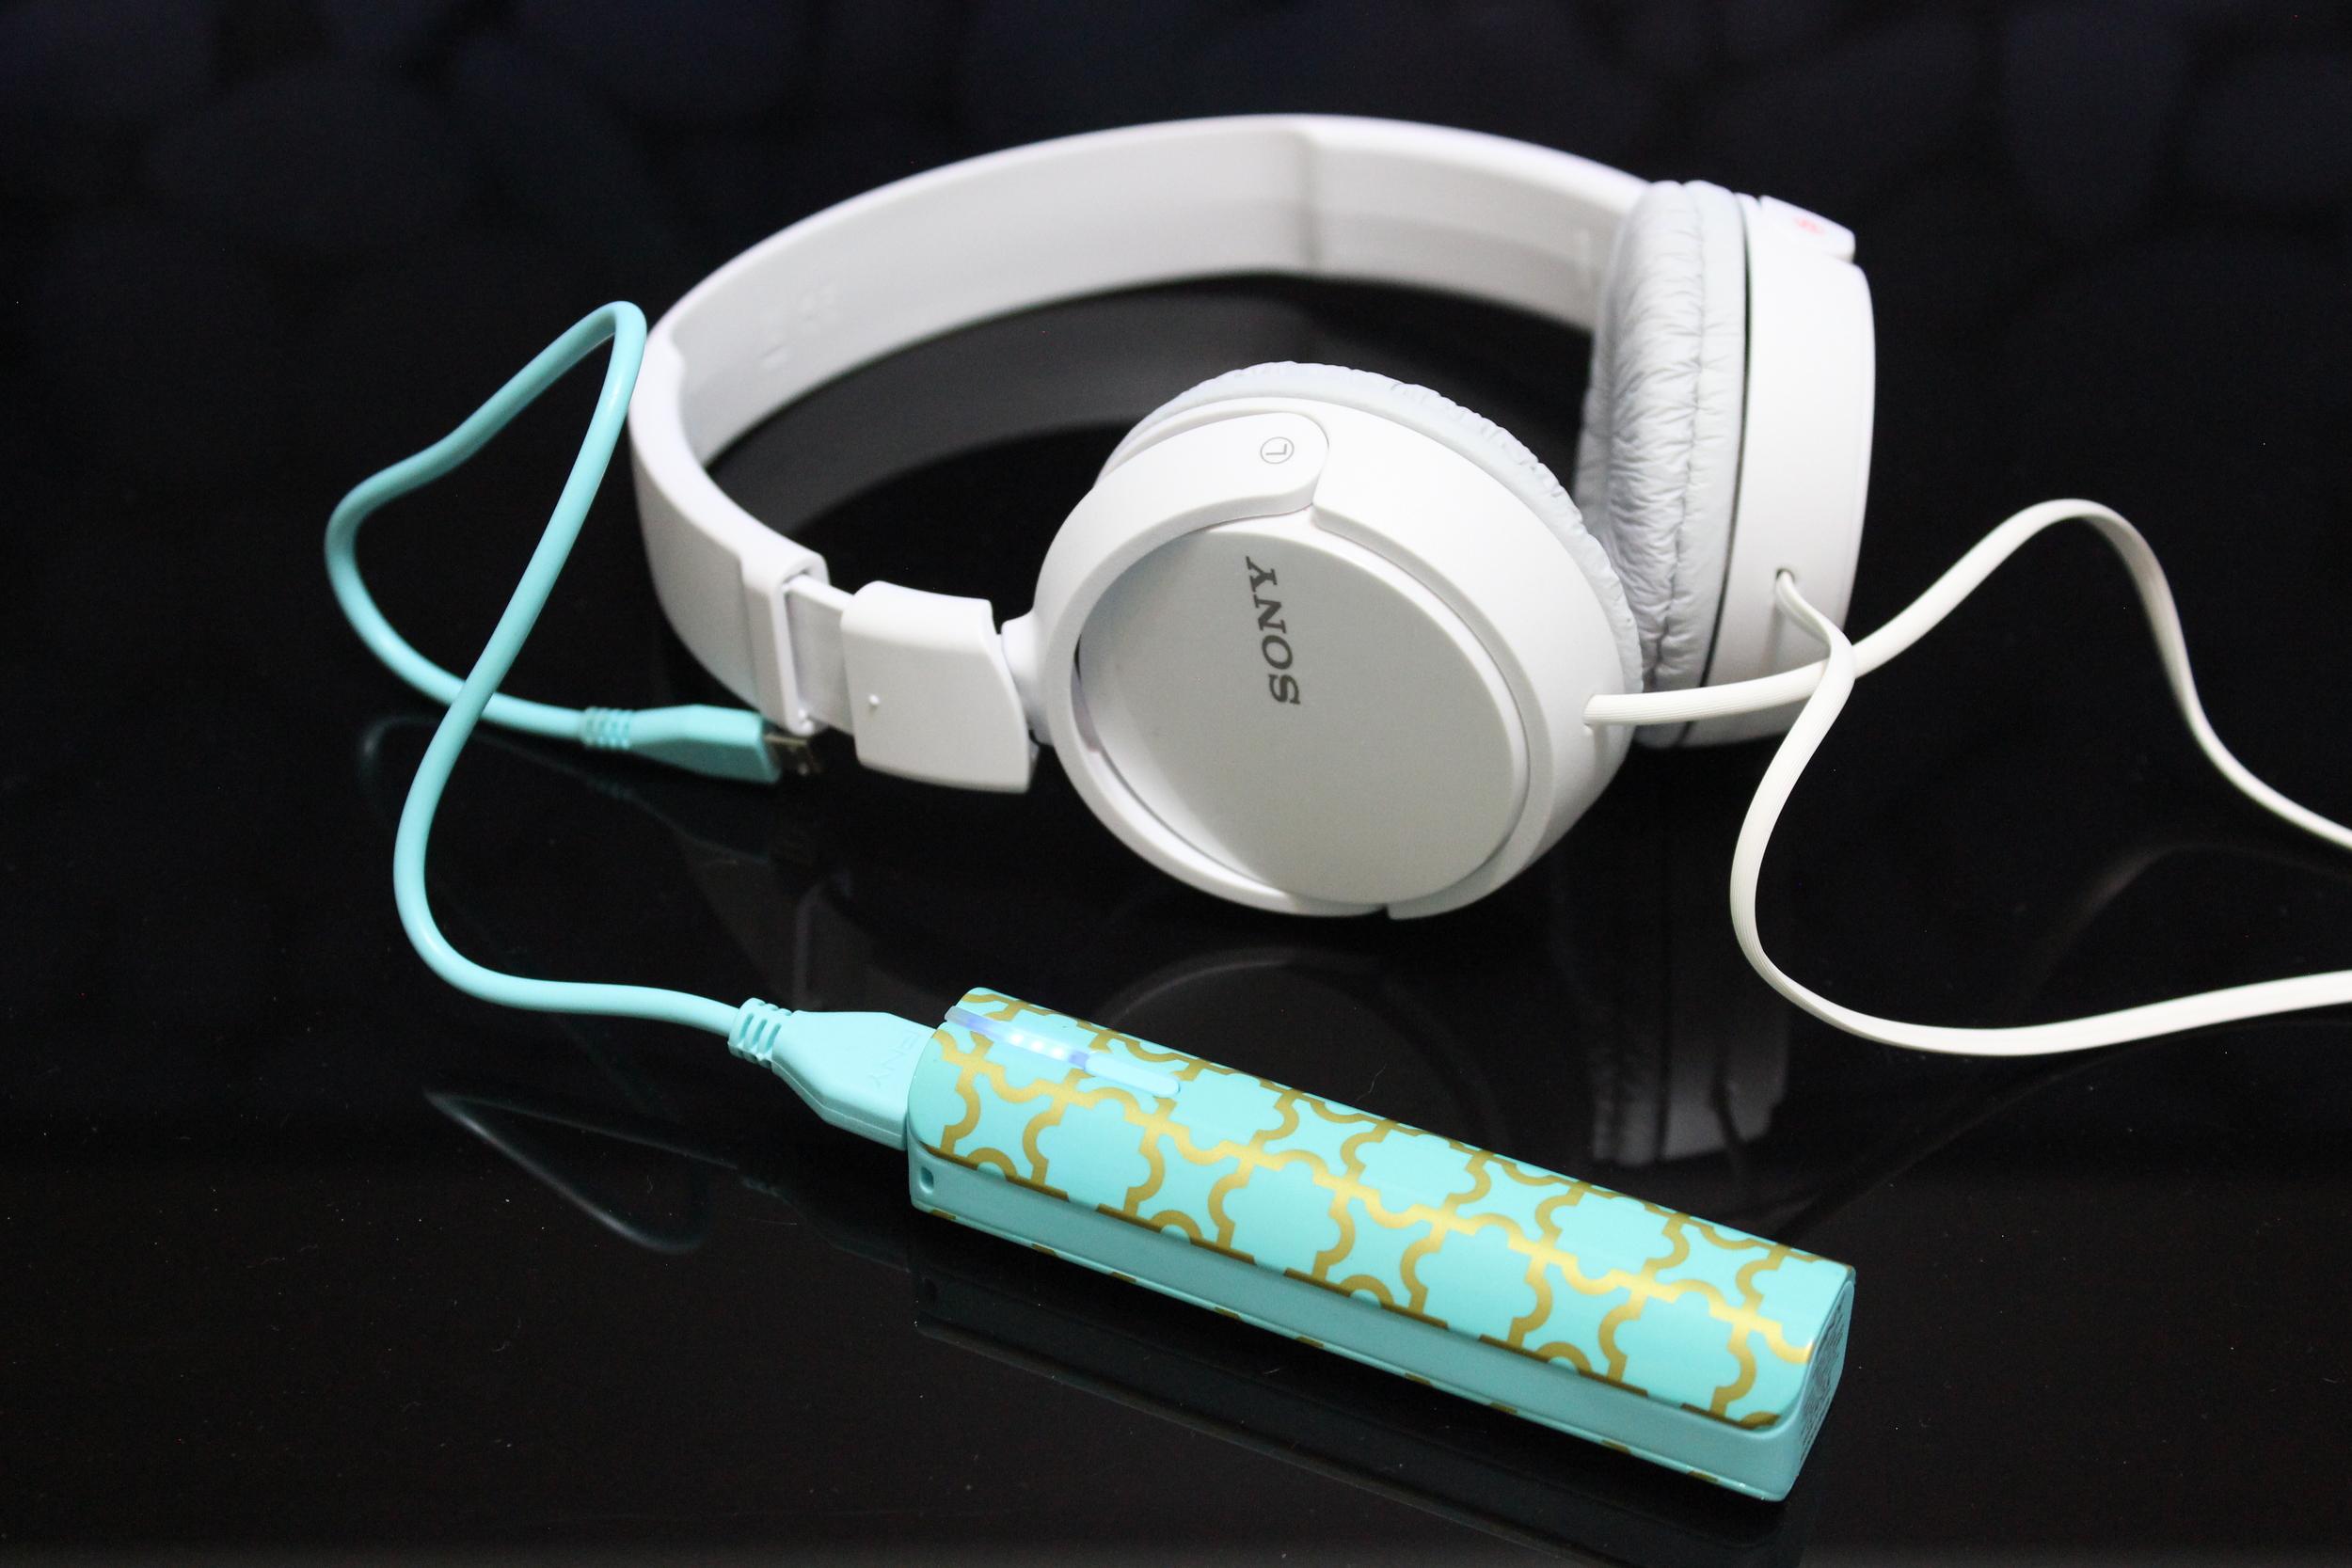 Headphone Sony e Bateria externa PNY - Foto por Bruno França